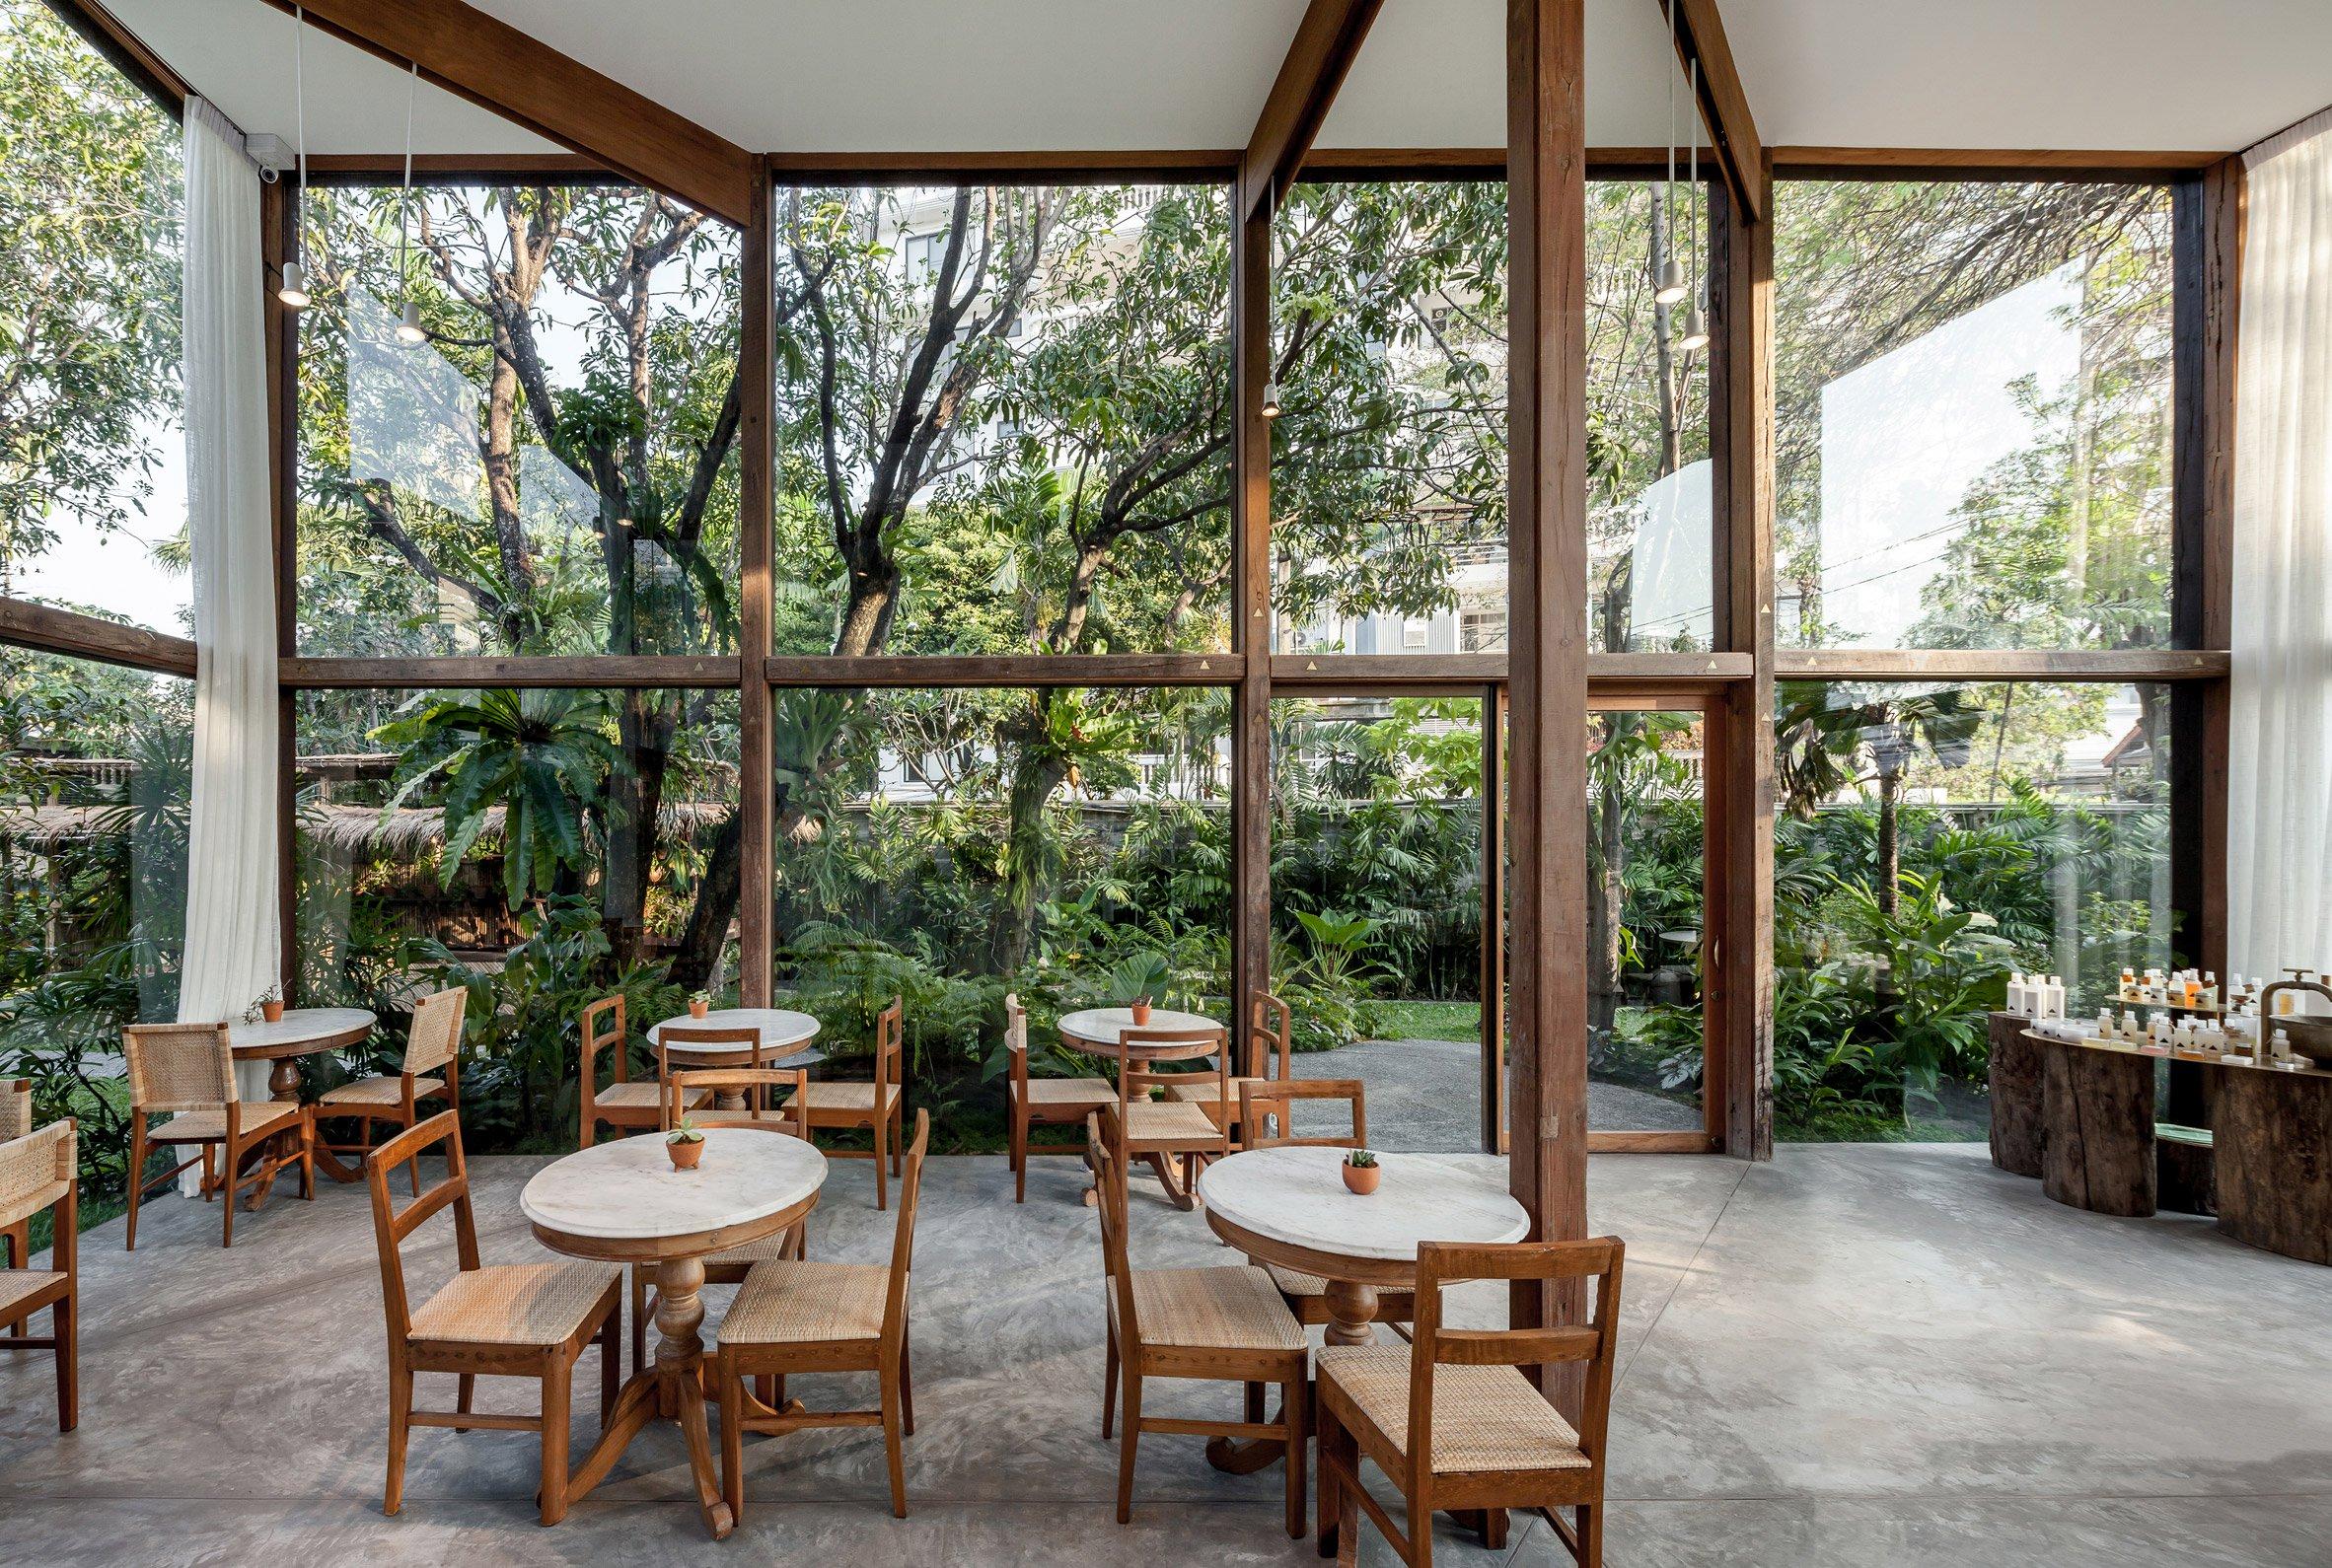 Projekty Domów Po 900 Zł Kb Projekt Biuro Architektoniczne